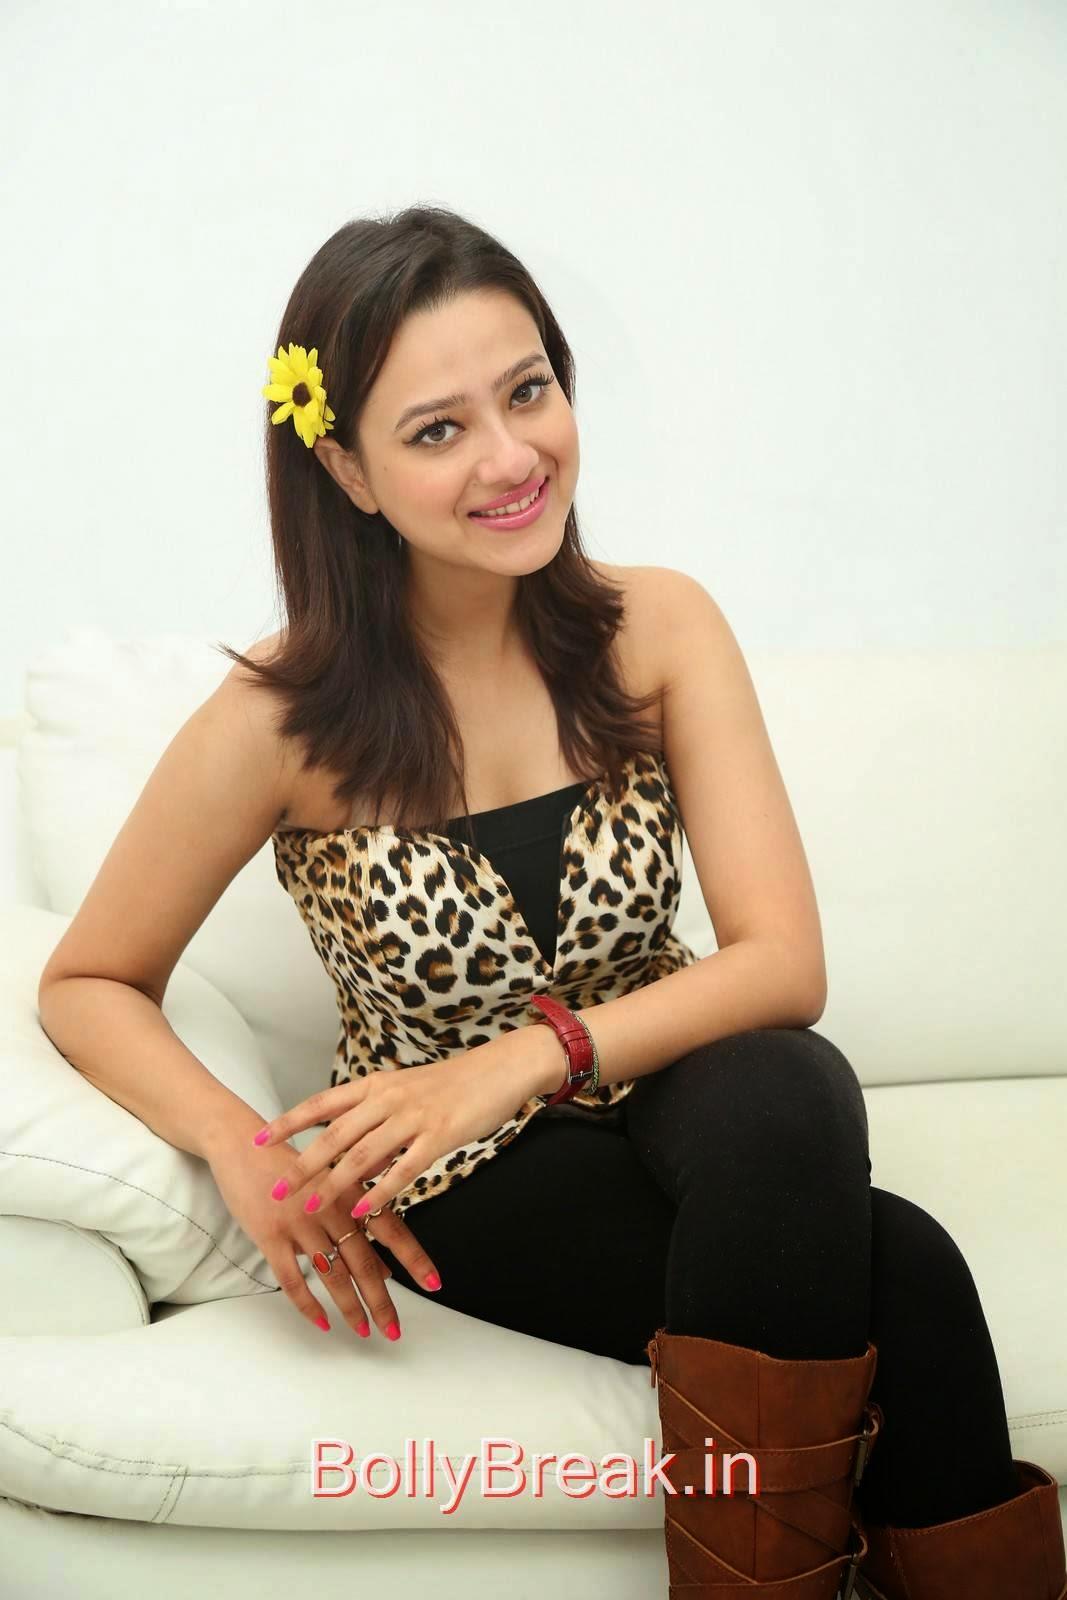 Madalasa Sarma Stills, Hot HD Images of Madalasa Sharma from Ramleela Movie Interview